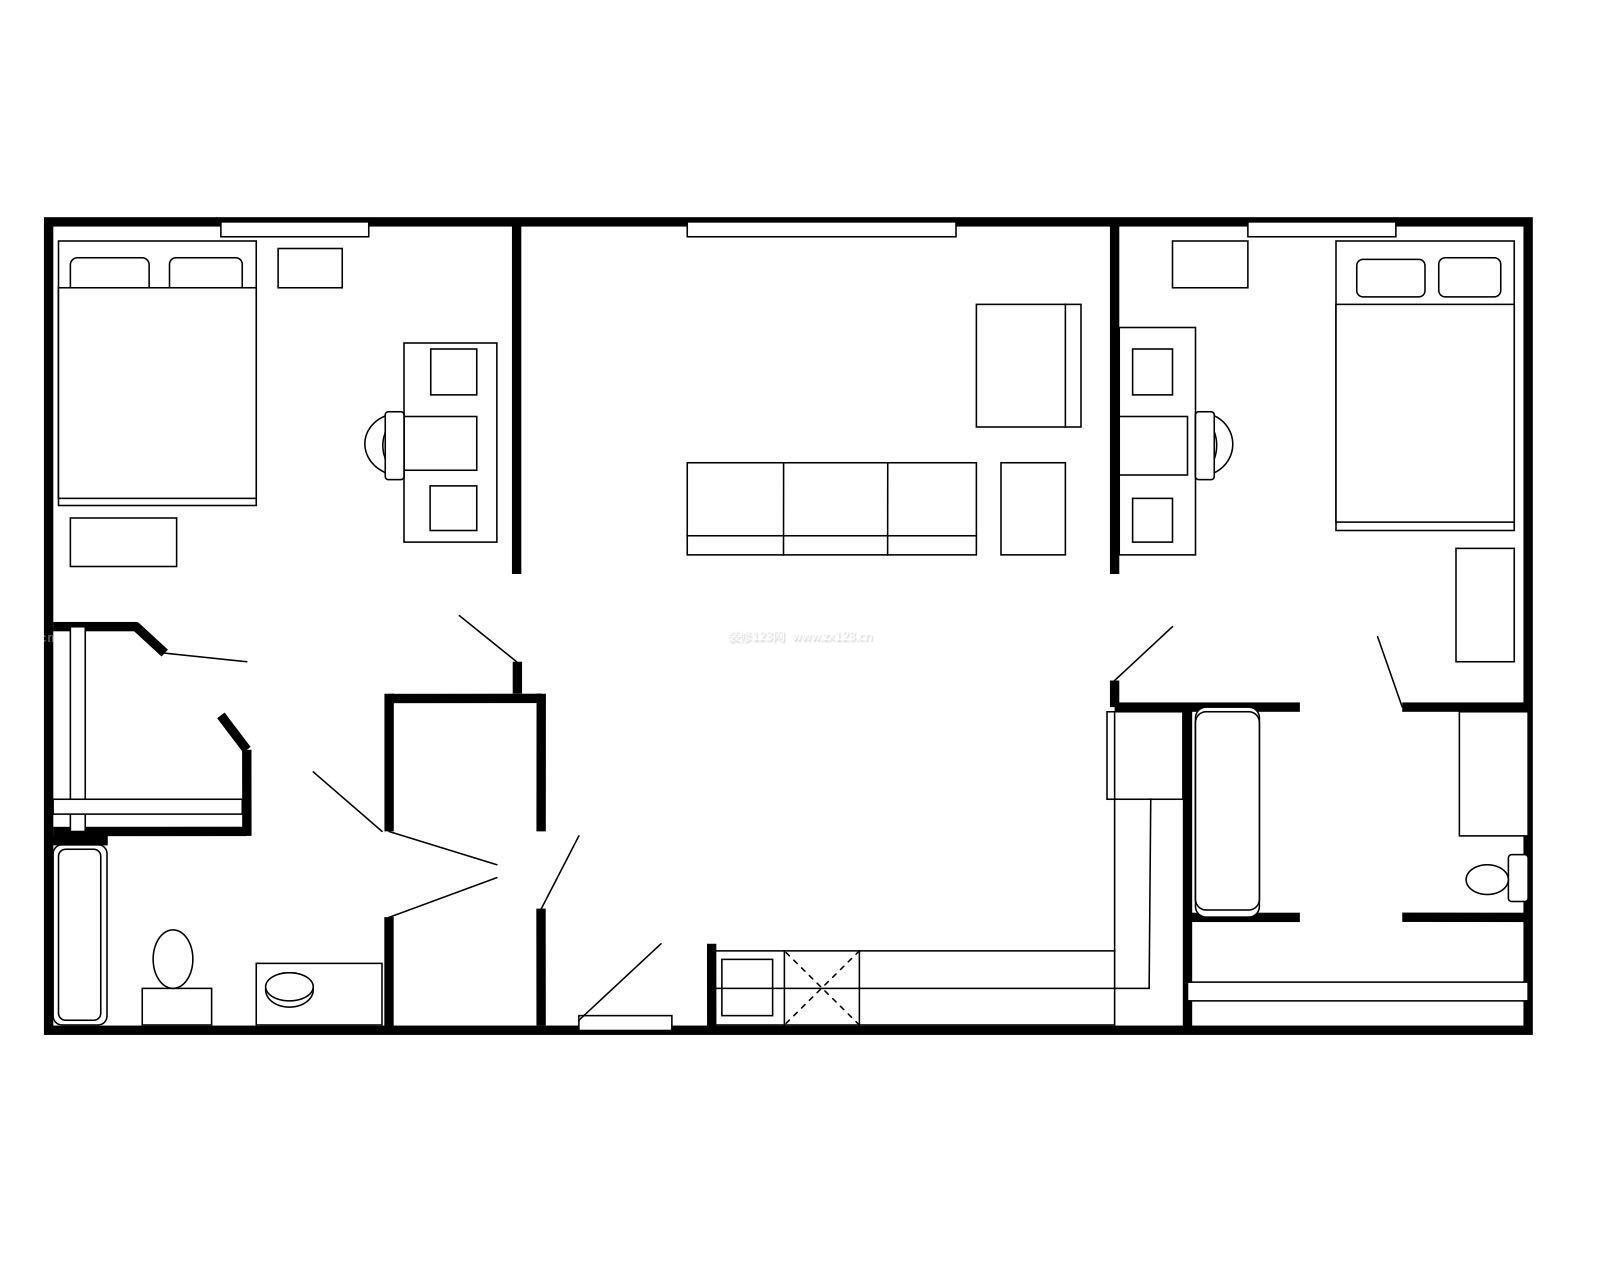 80平米两室一厅户型平面图_装修123效果图图片